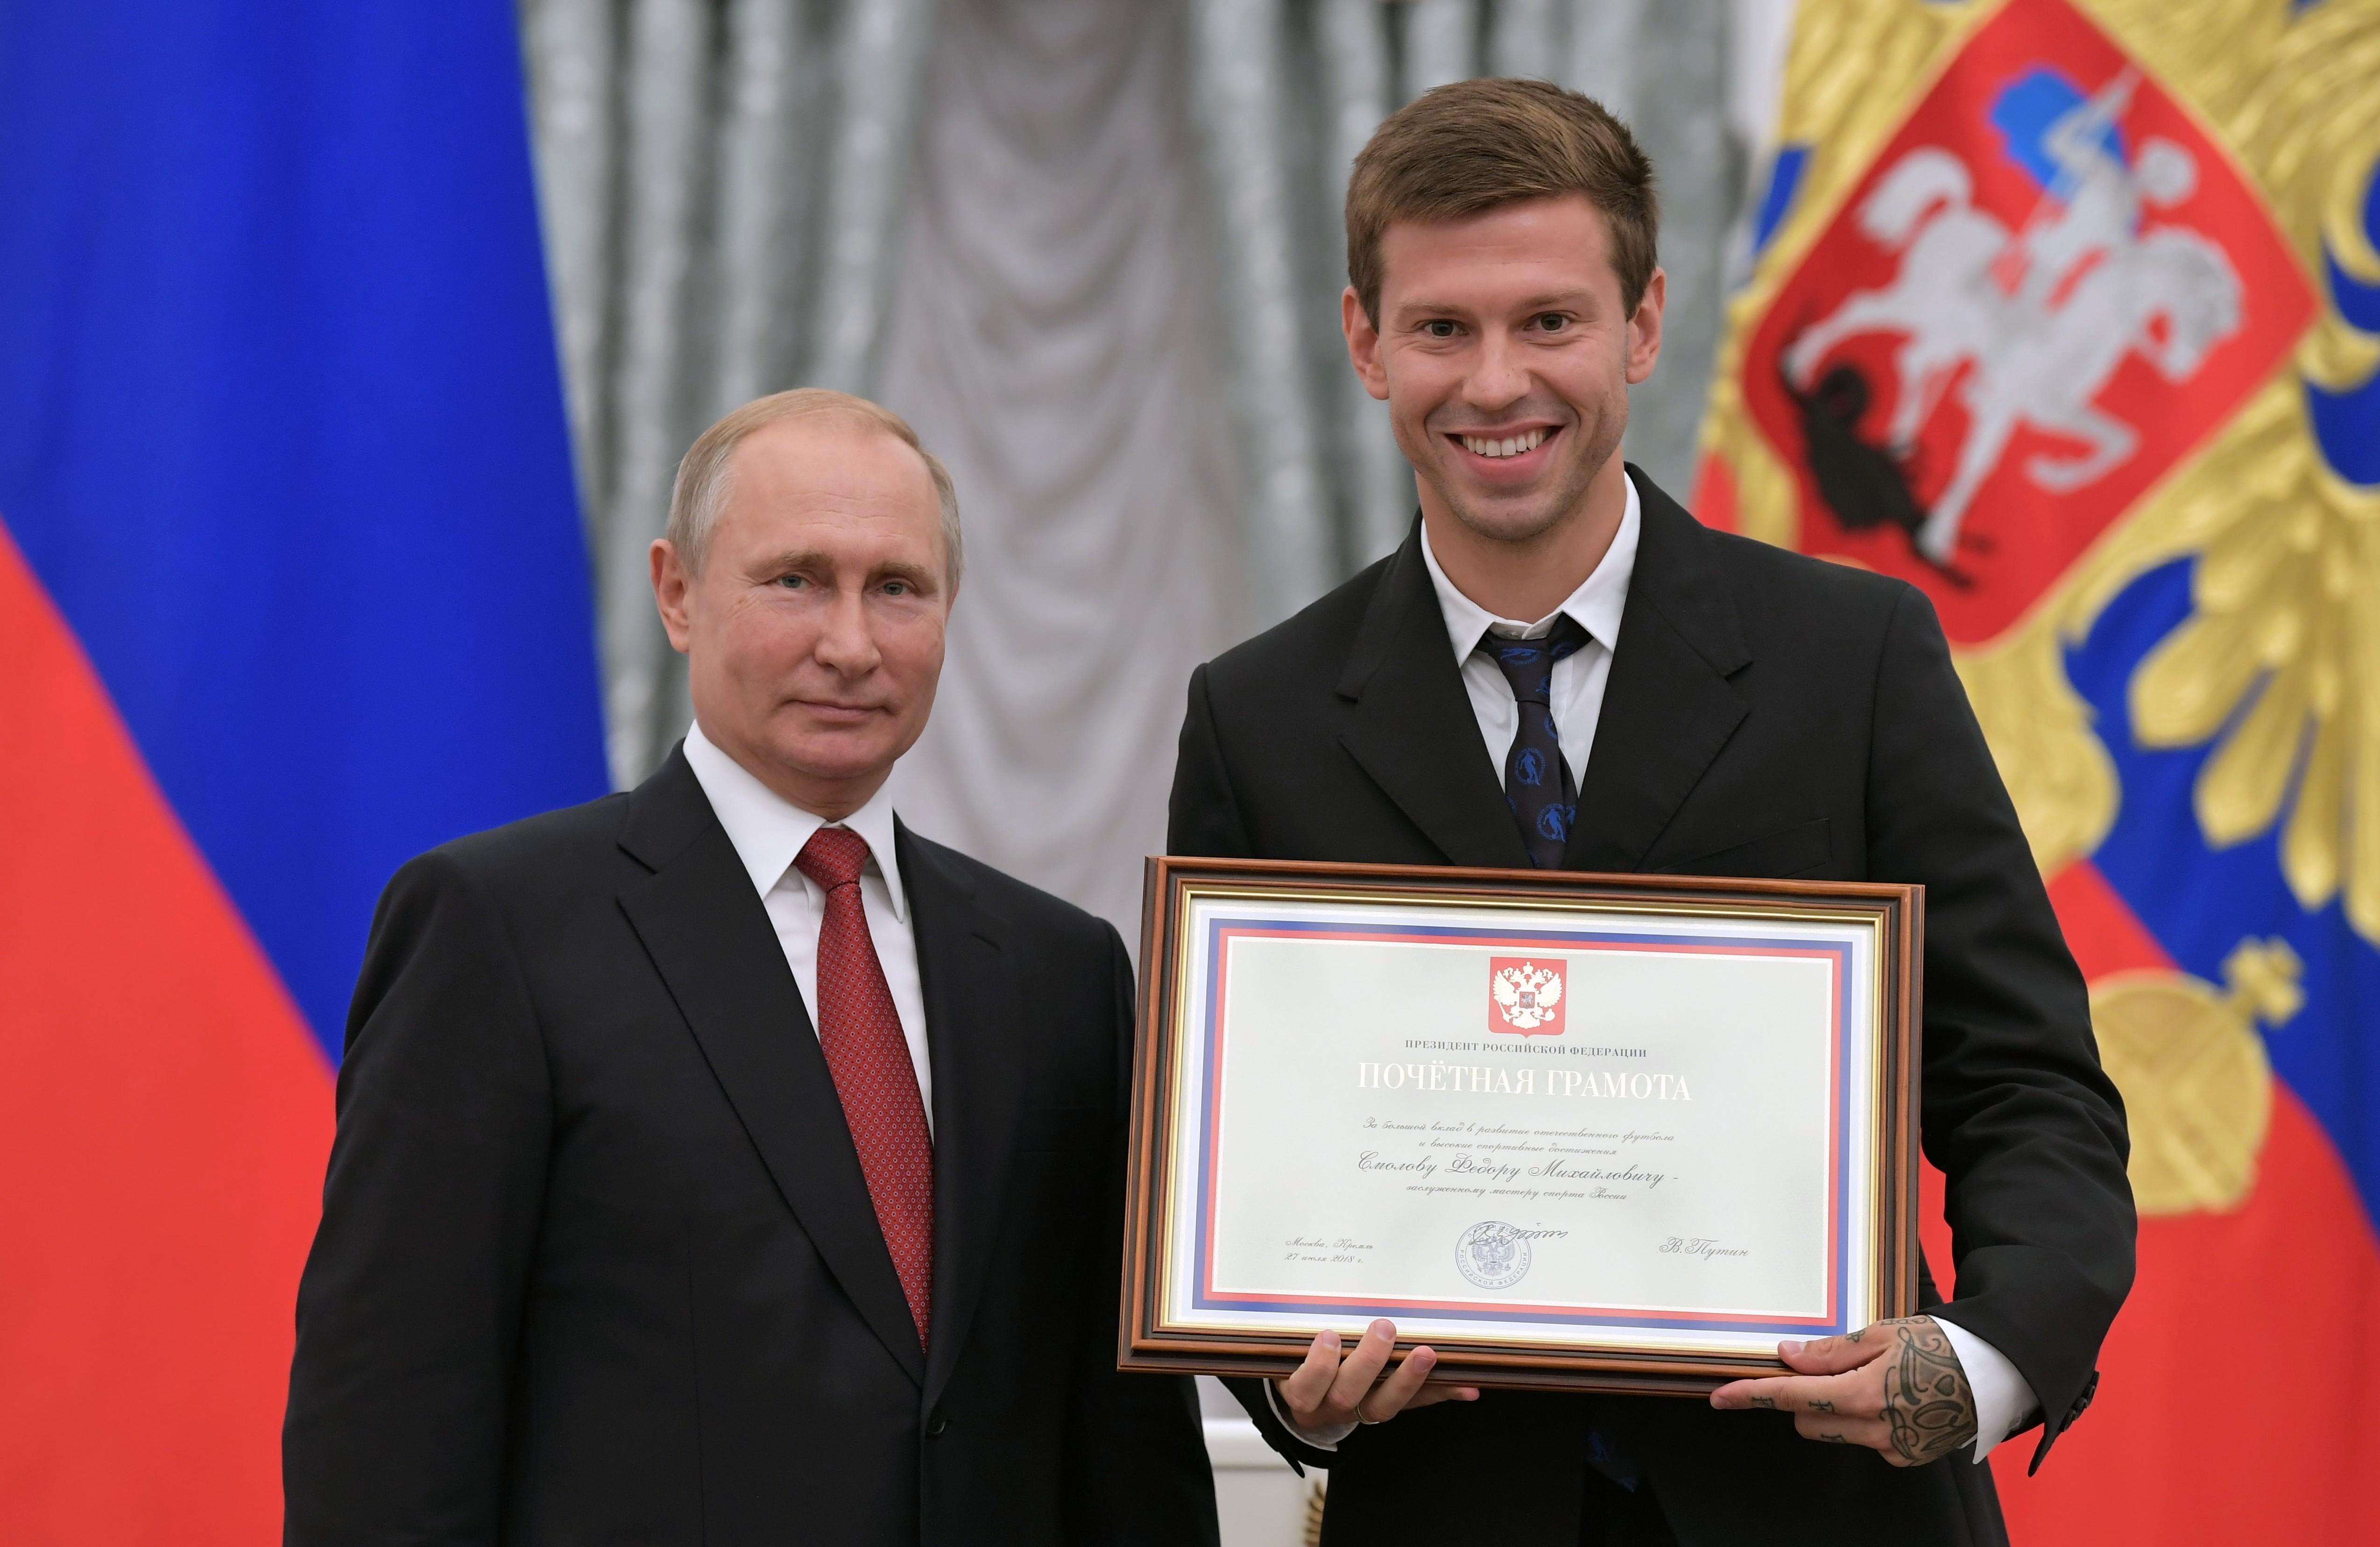 Фото: ©РИА Новости / Сергей Гунеев